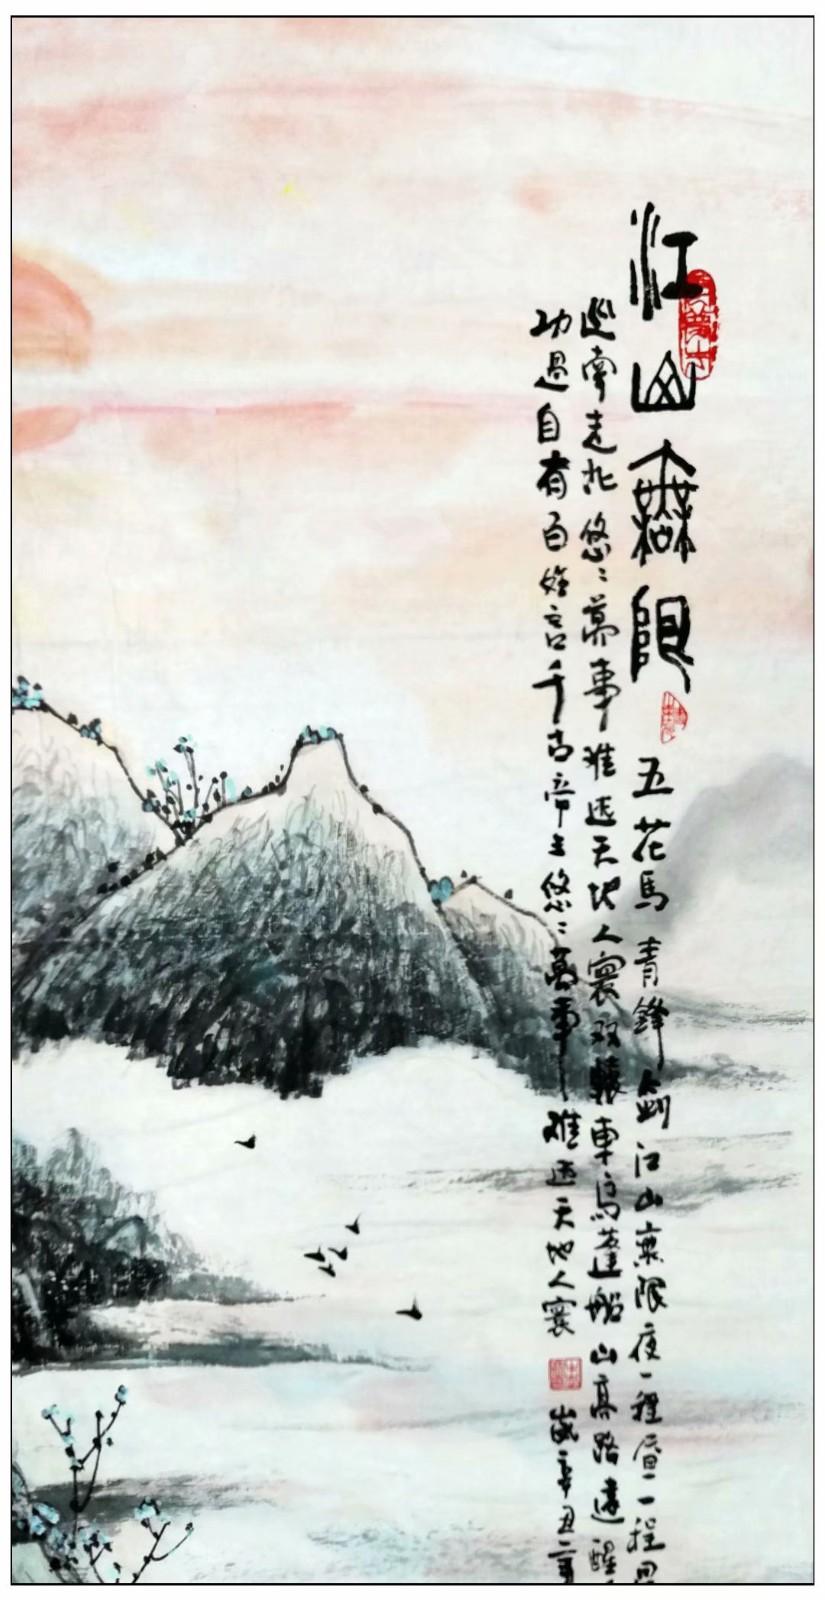 庆祝中国共产党成立100周年---牛志高山水画【220CMX150CM】2021.03.31 ..._图1-9